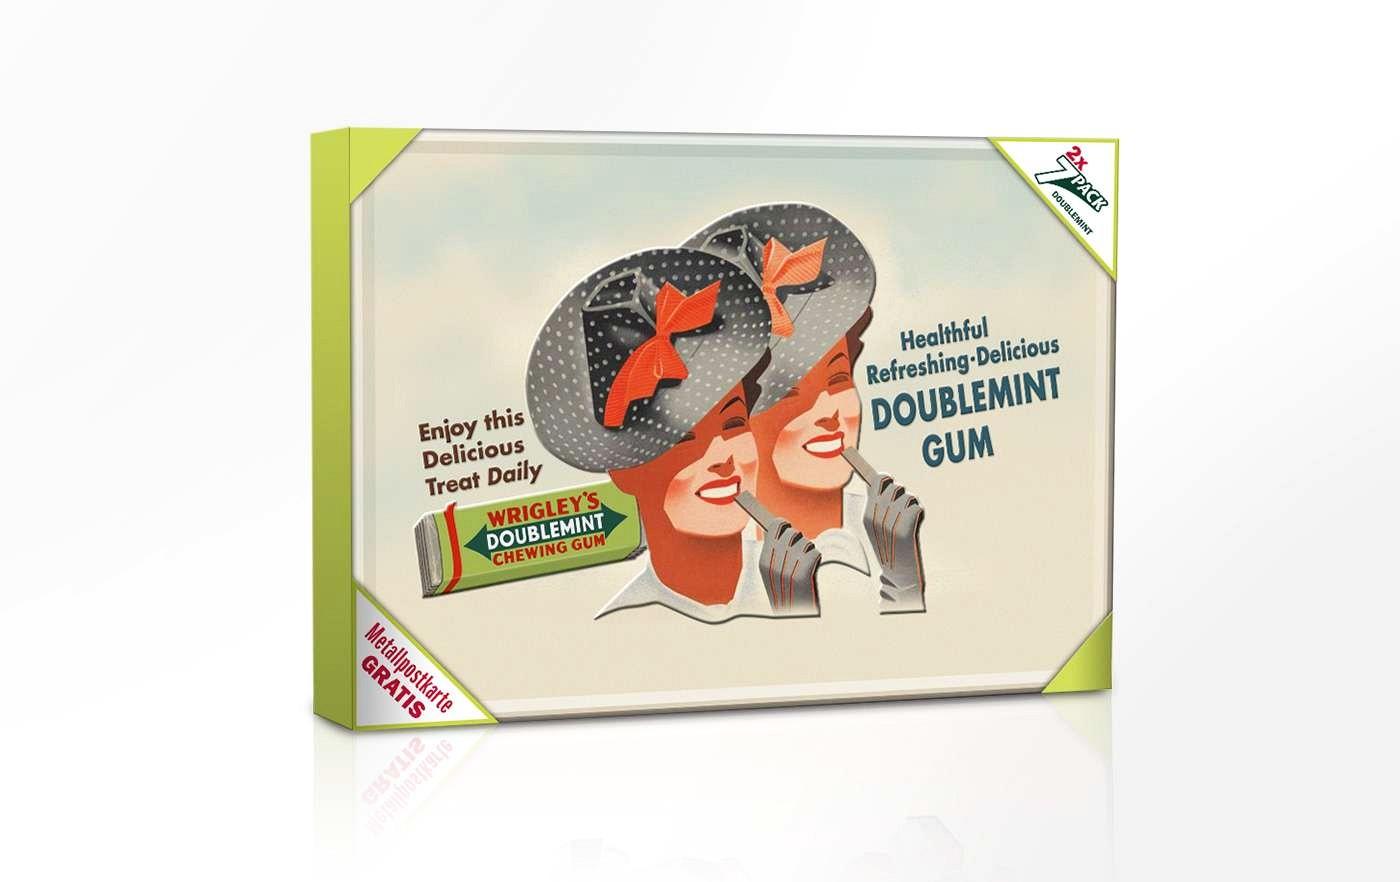 Wrigley Spearmint Nostalgie Promotion - 2